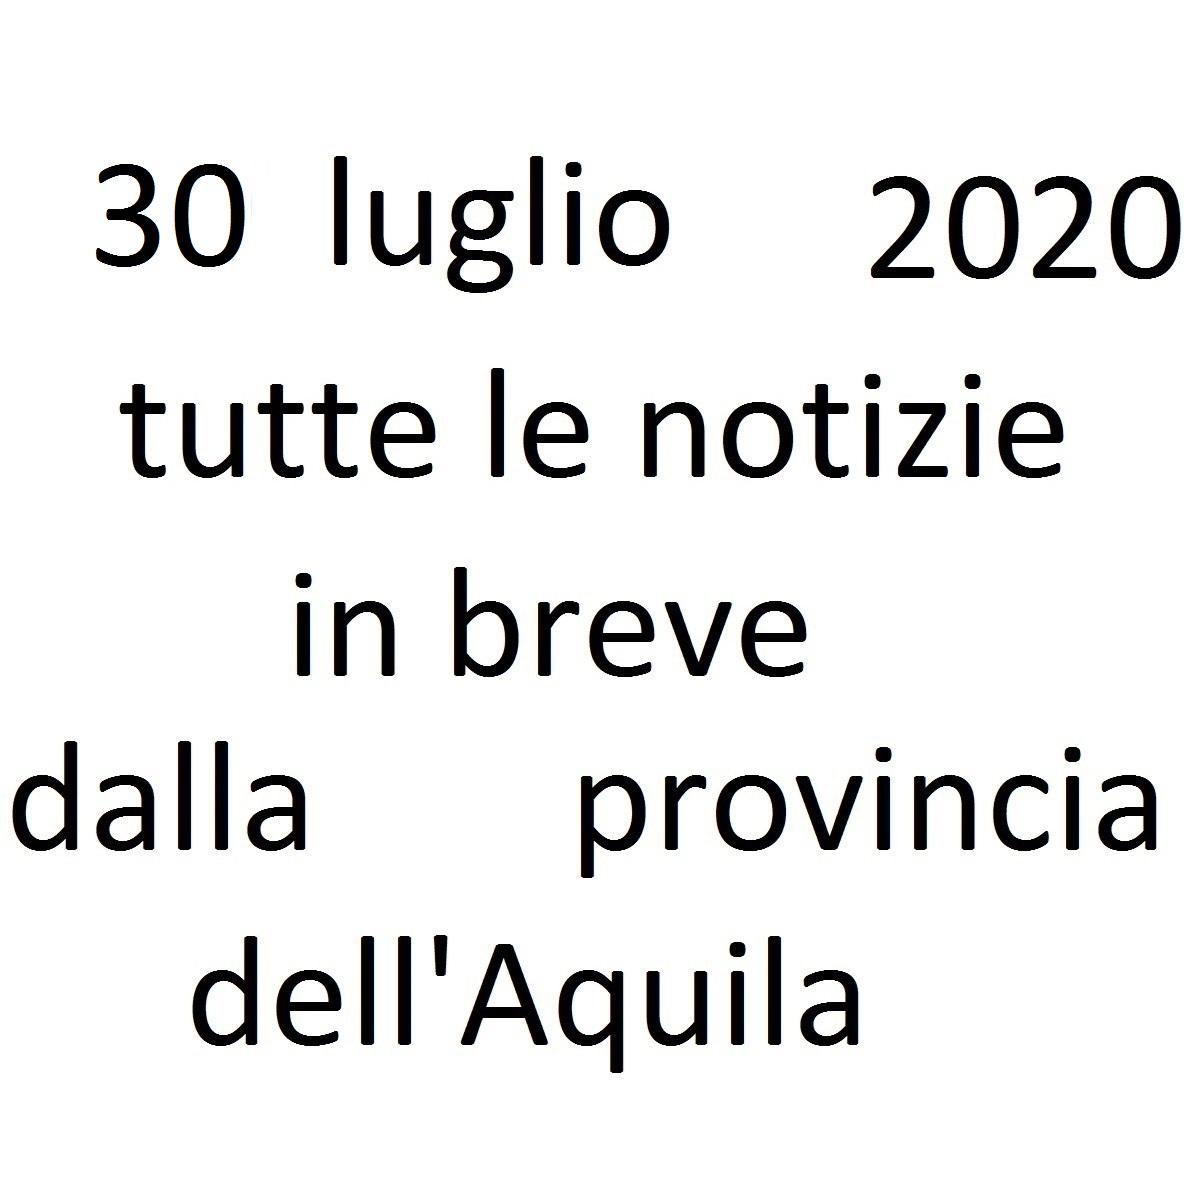 30 luglio 2020 notizie in breve dalla Provincia dell'Aquila foto